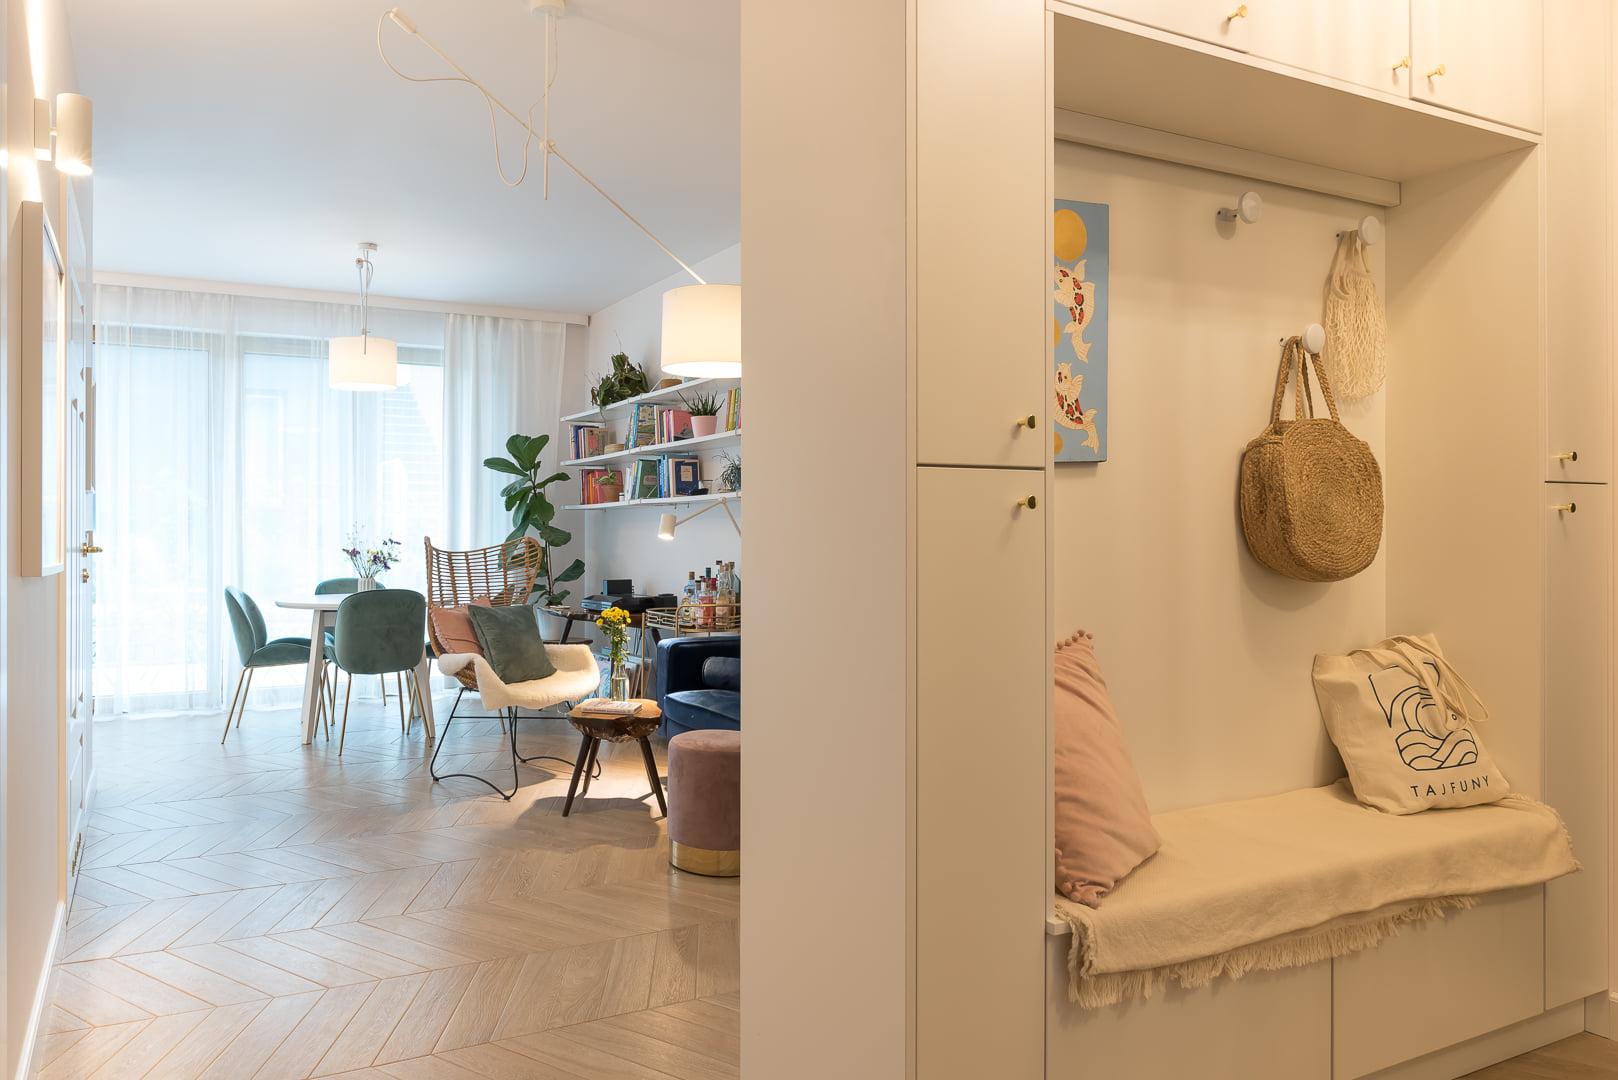 Mieszkanie modern vintage, Aleksandra Chmielowicz architekt wnetrz, projektowanie wnetrz Olkusz, projektowanie wnetrz Mikolow, projektowanie wnetrz Tychy